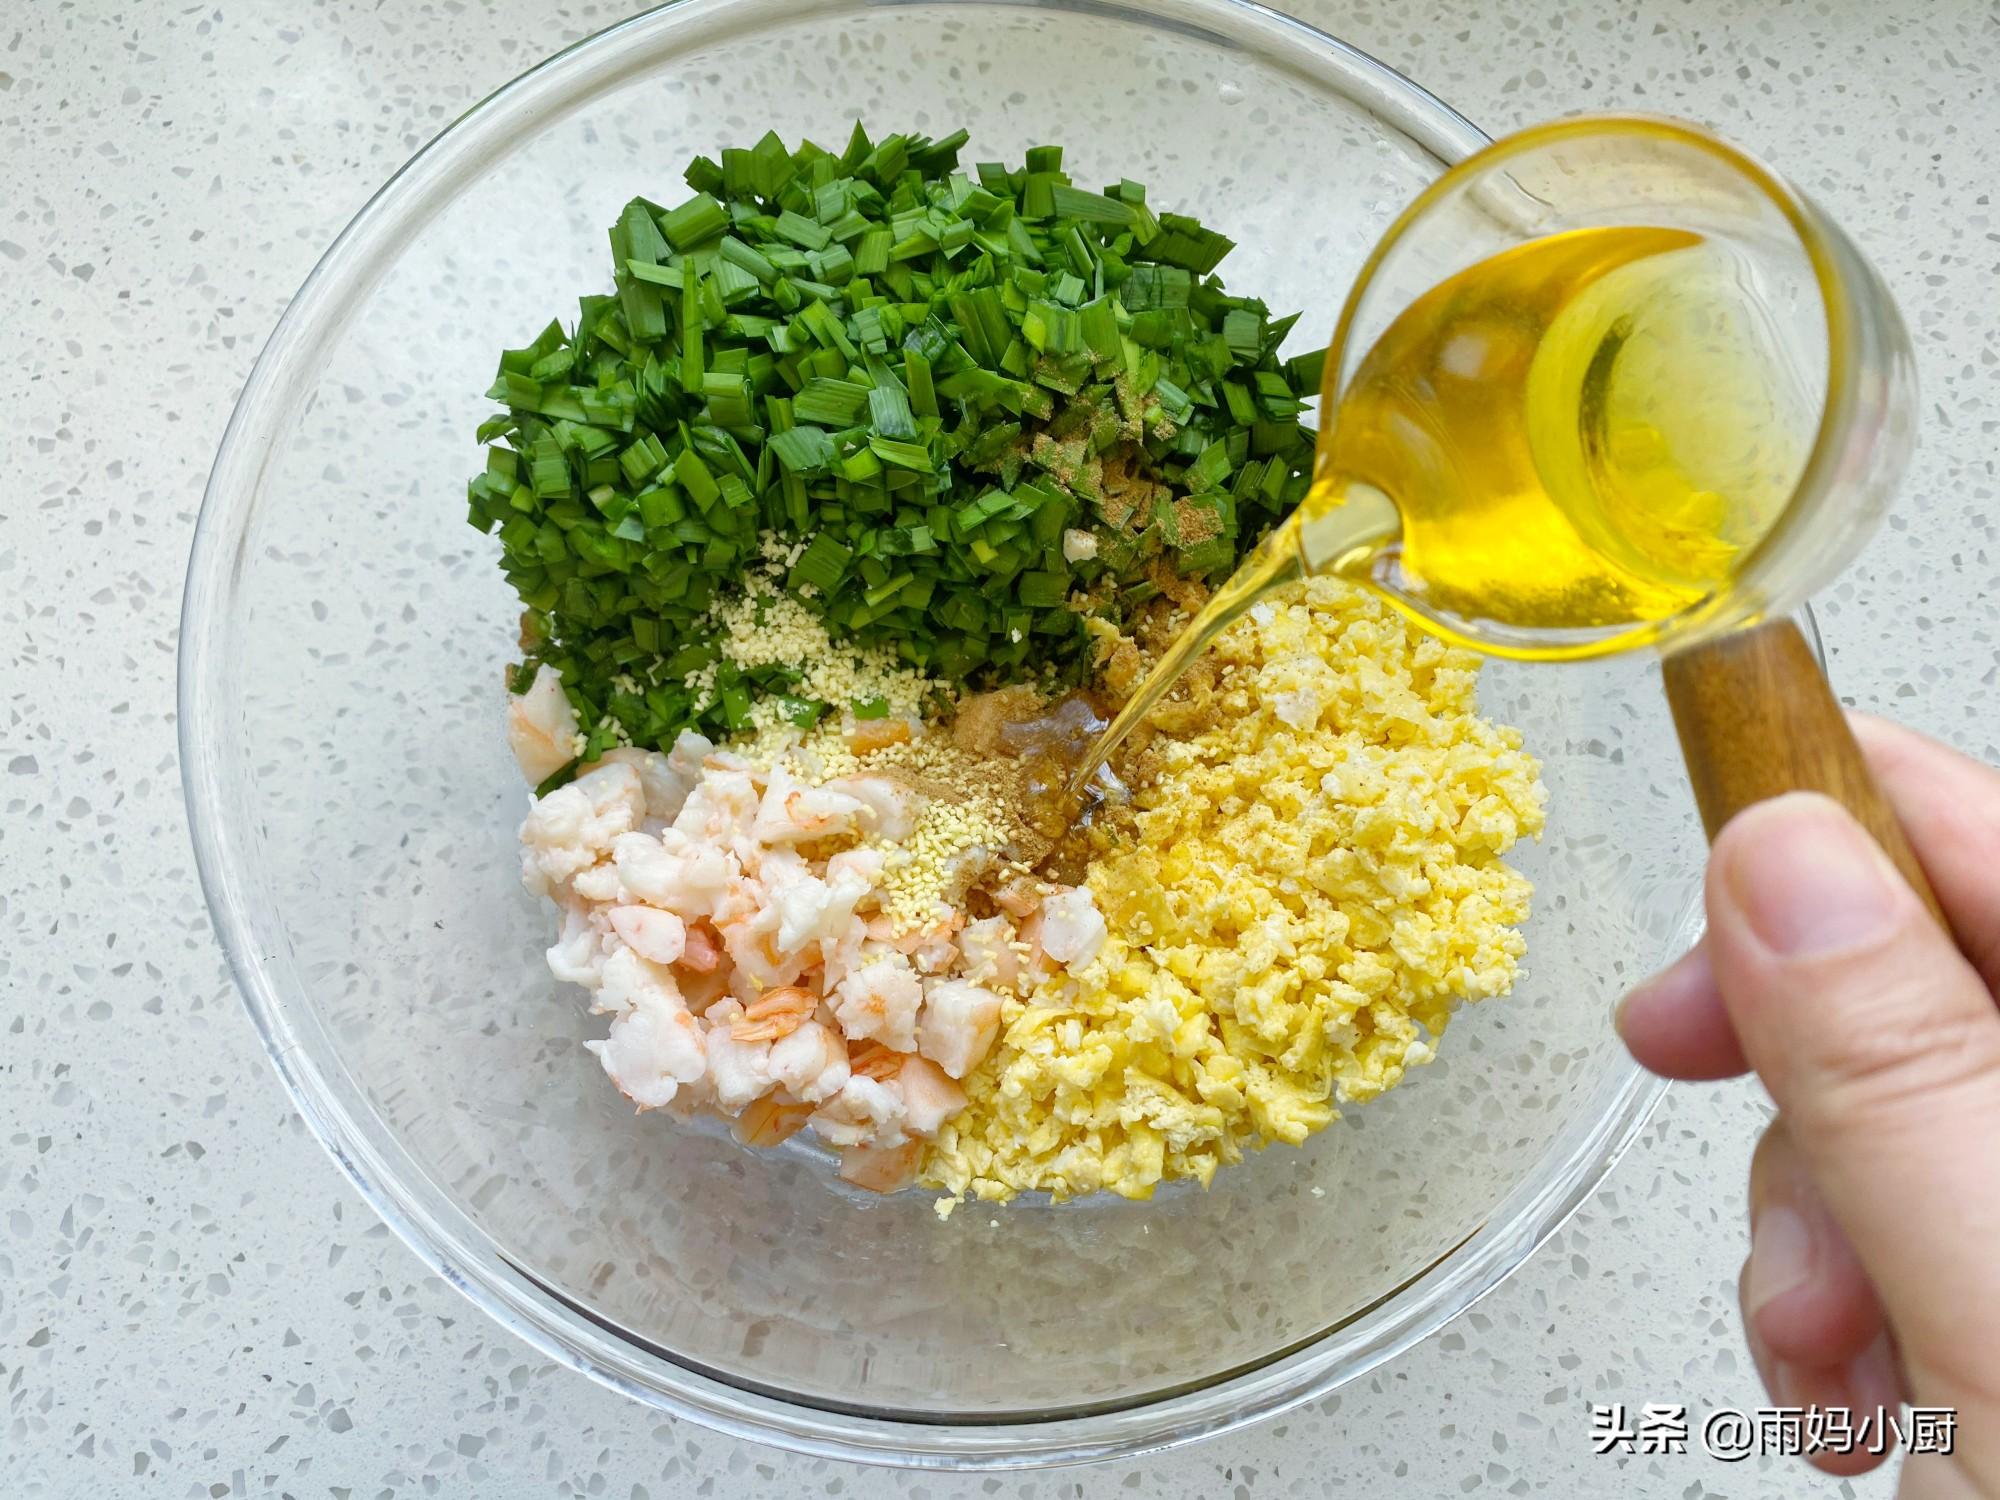 菜盒子调馅别只会放虾皮,加点它味道鲜美又可口,越吃越香